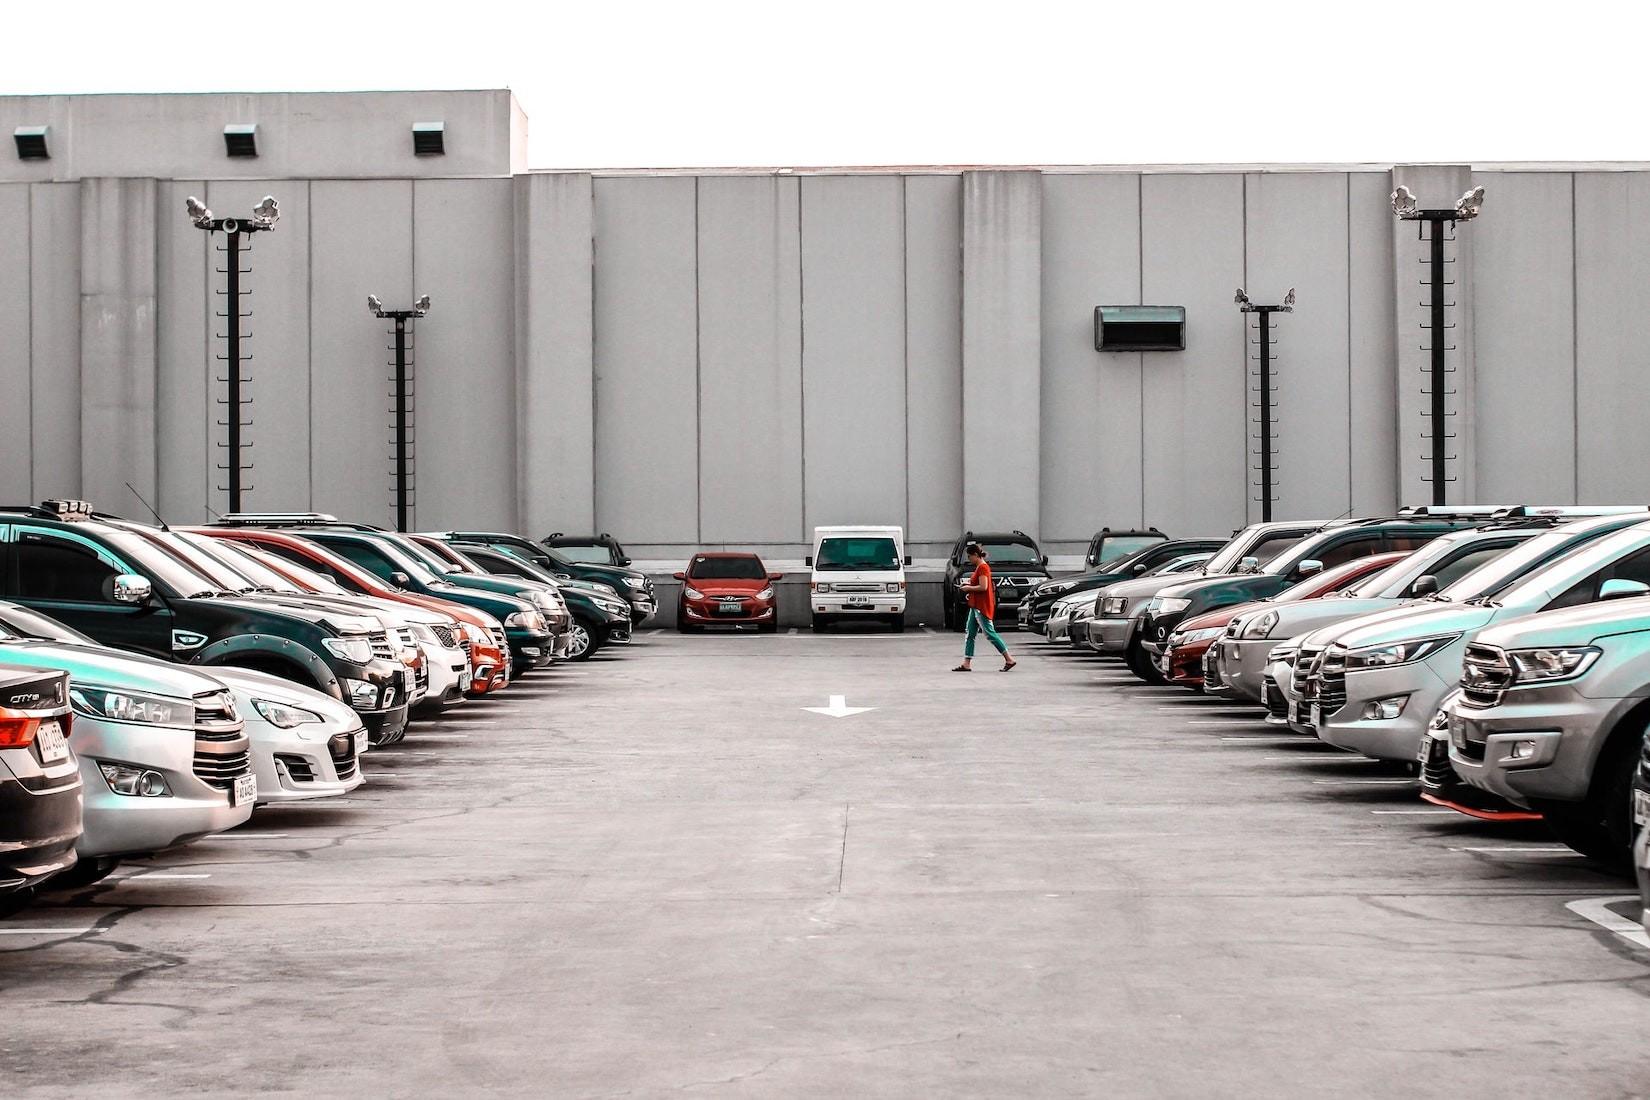 """Unfall auf Parkplatz: Gilt die """"Rechts vor Links"""" Regel?"""